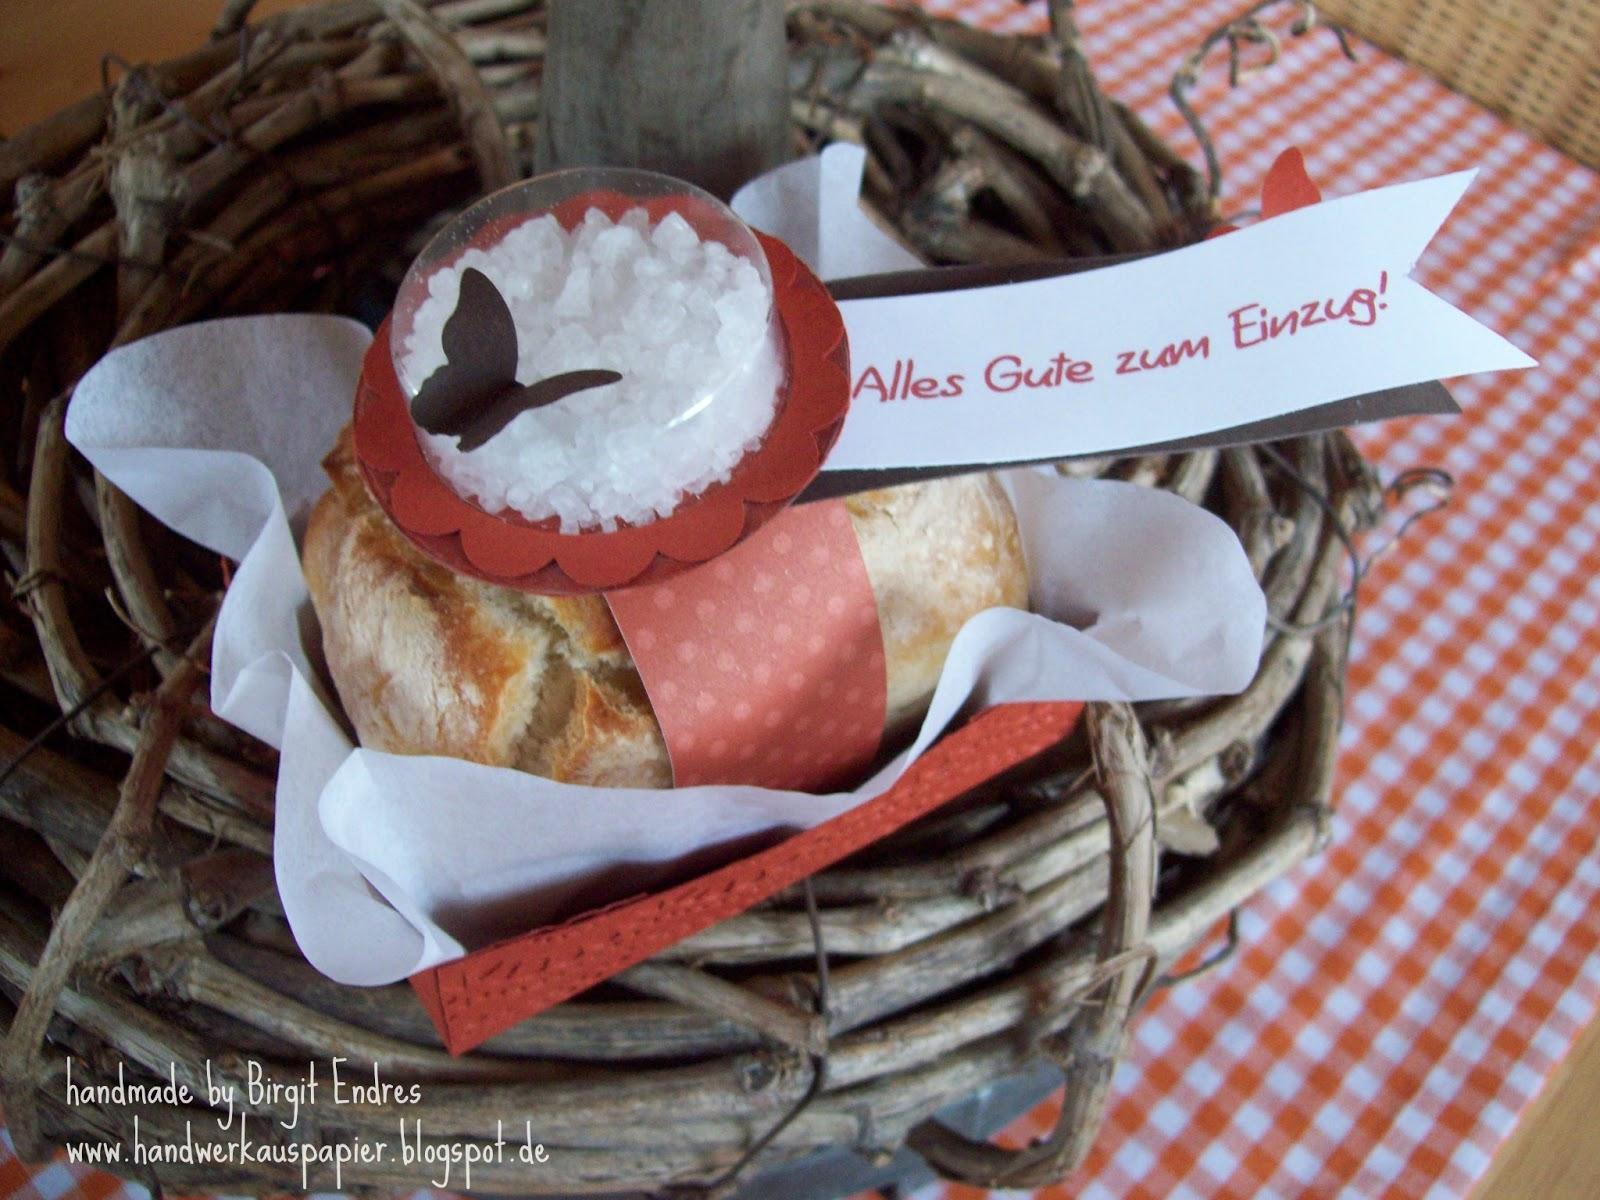 Handwerk aus papier einzugsgeschenk brot und salz - Einweihungsgeschenk wohnung mann ...